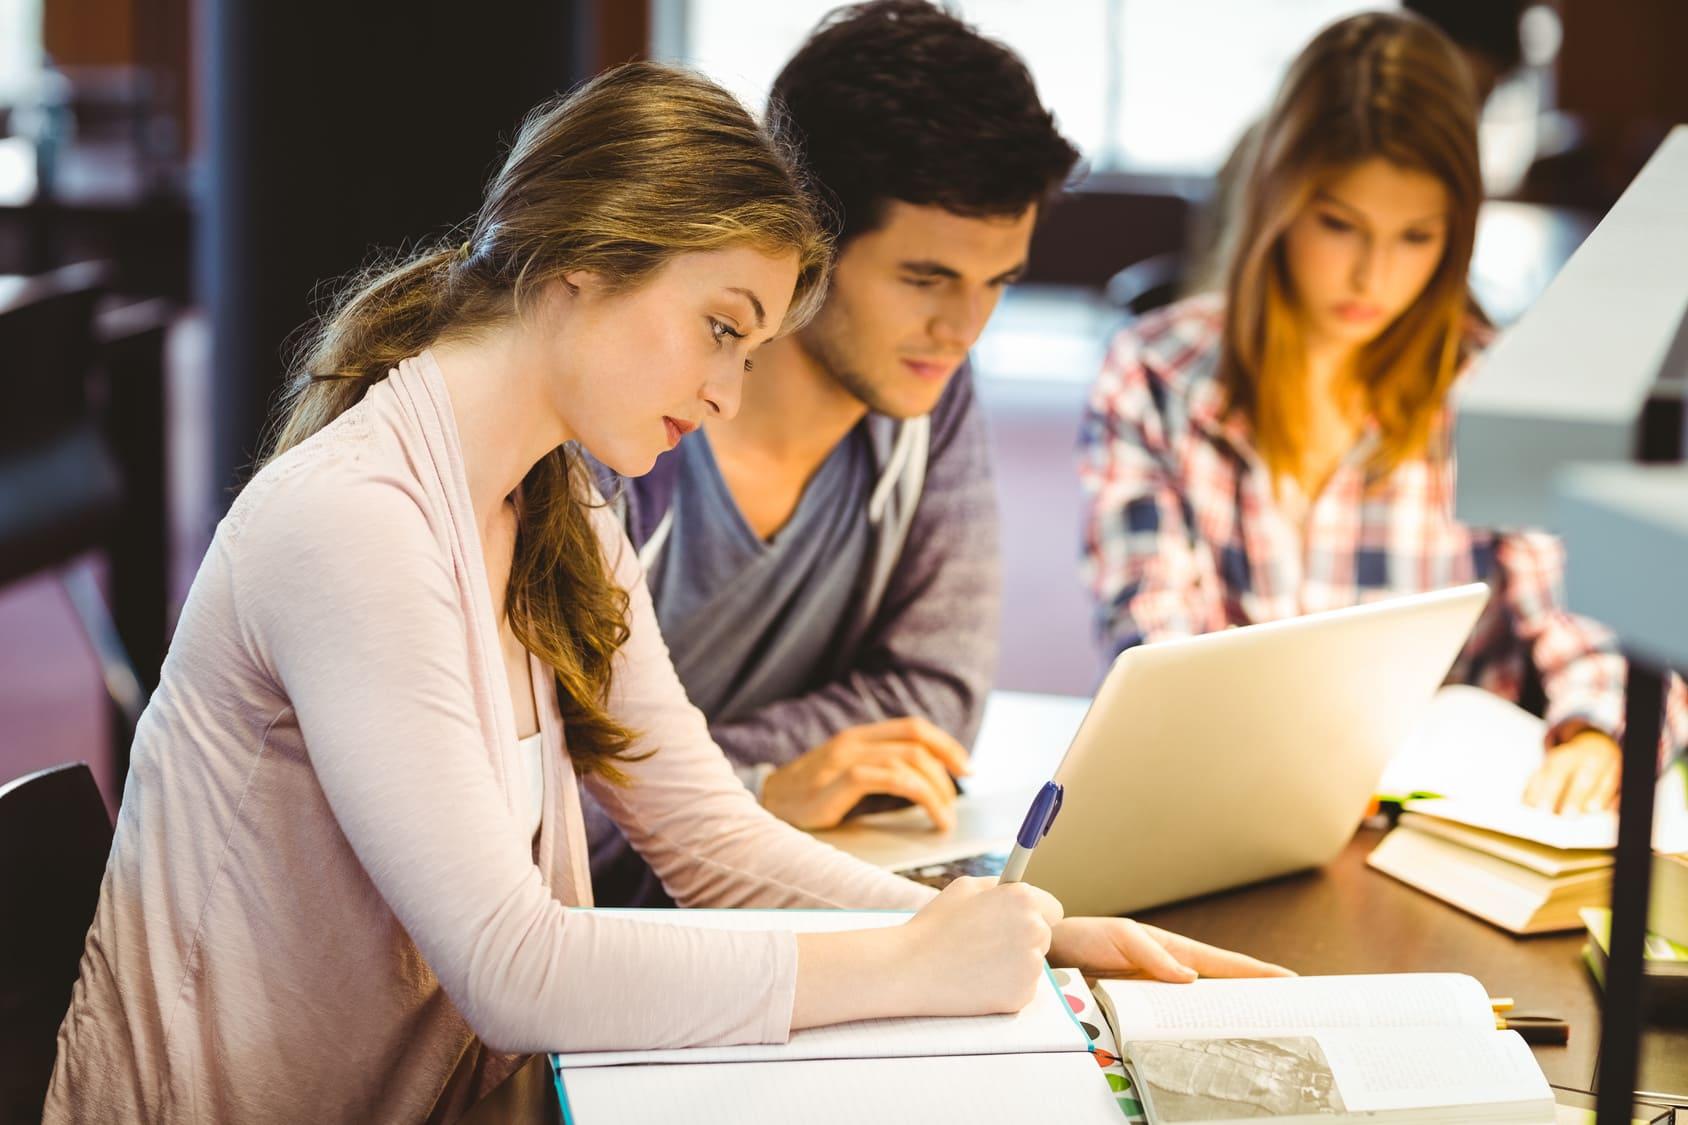 Como estudar em grupo, poderá te ajudar?